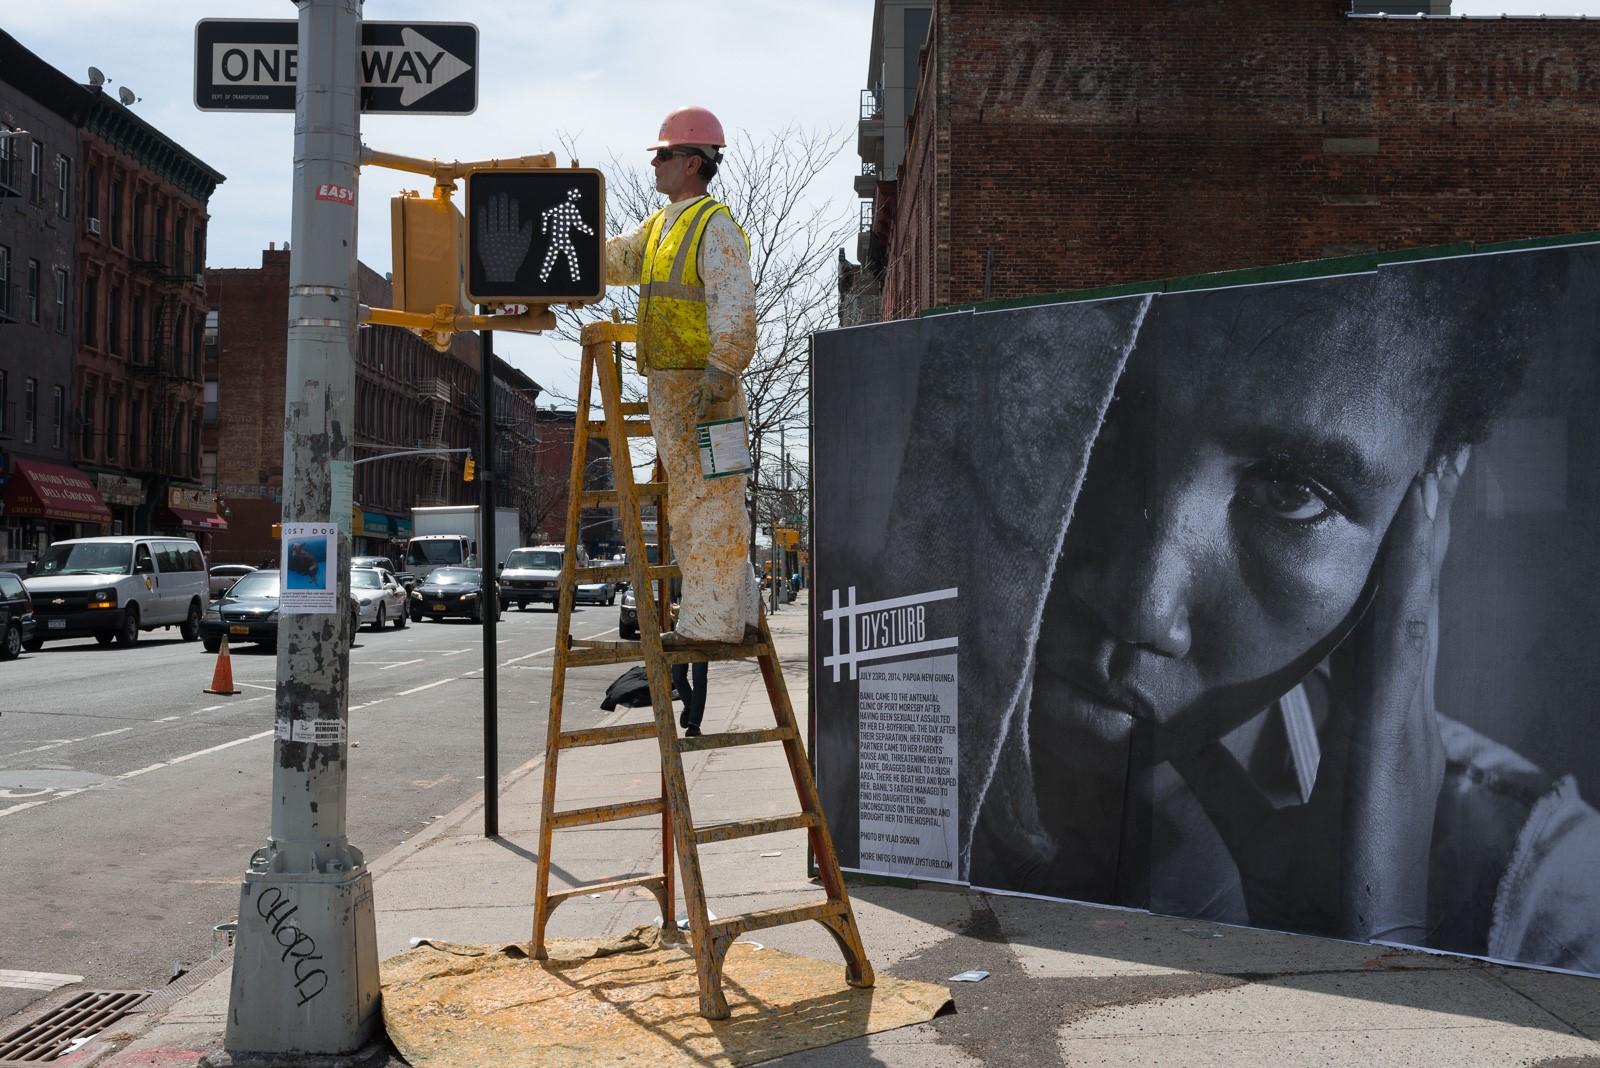 À ce jour, Dysturb a installé plus de 1 000 affiches géantes à travers le globe.